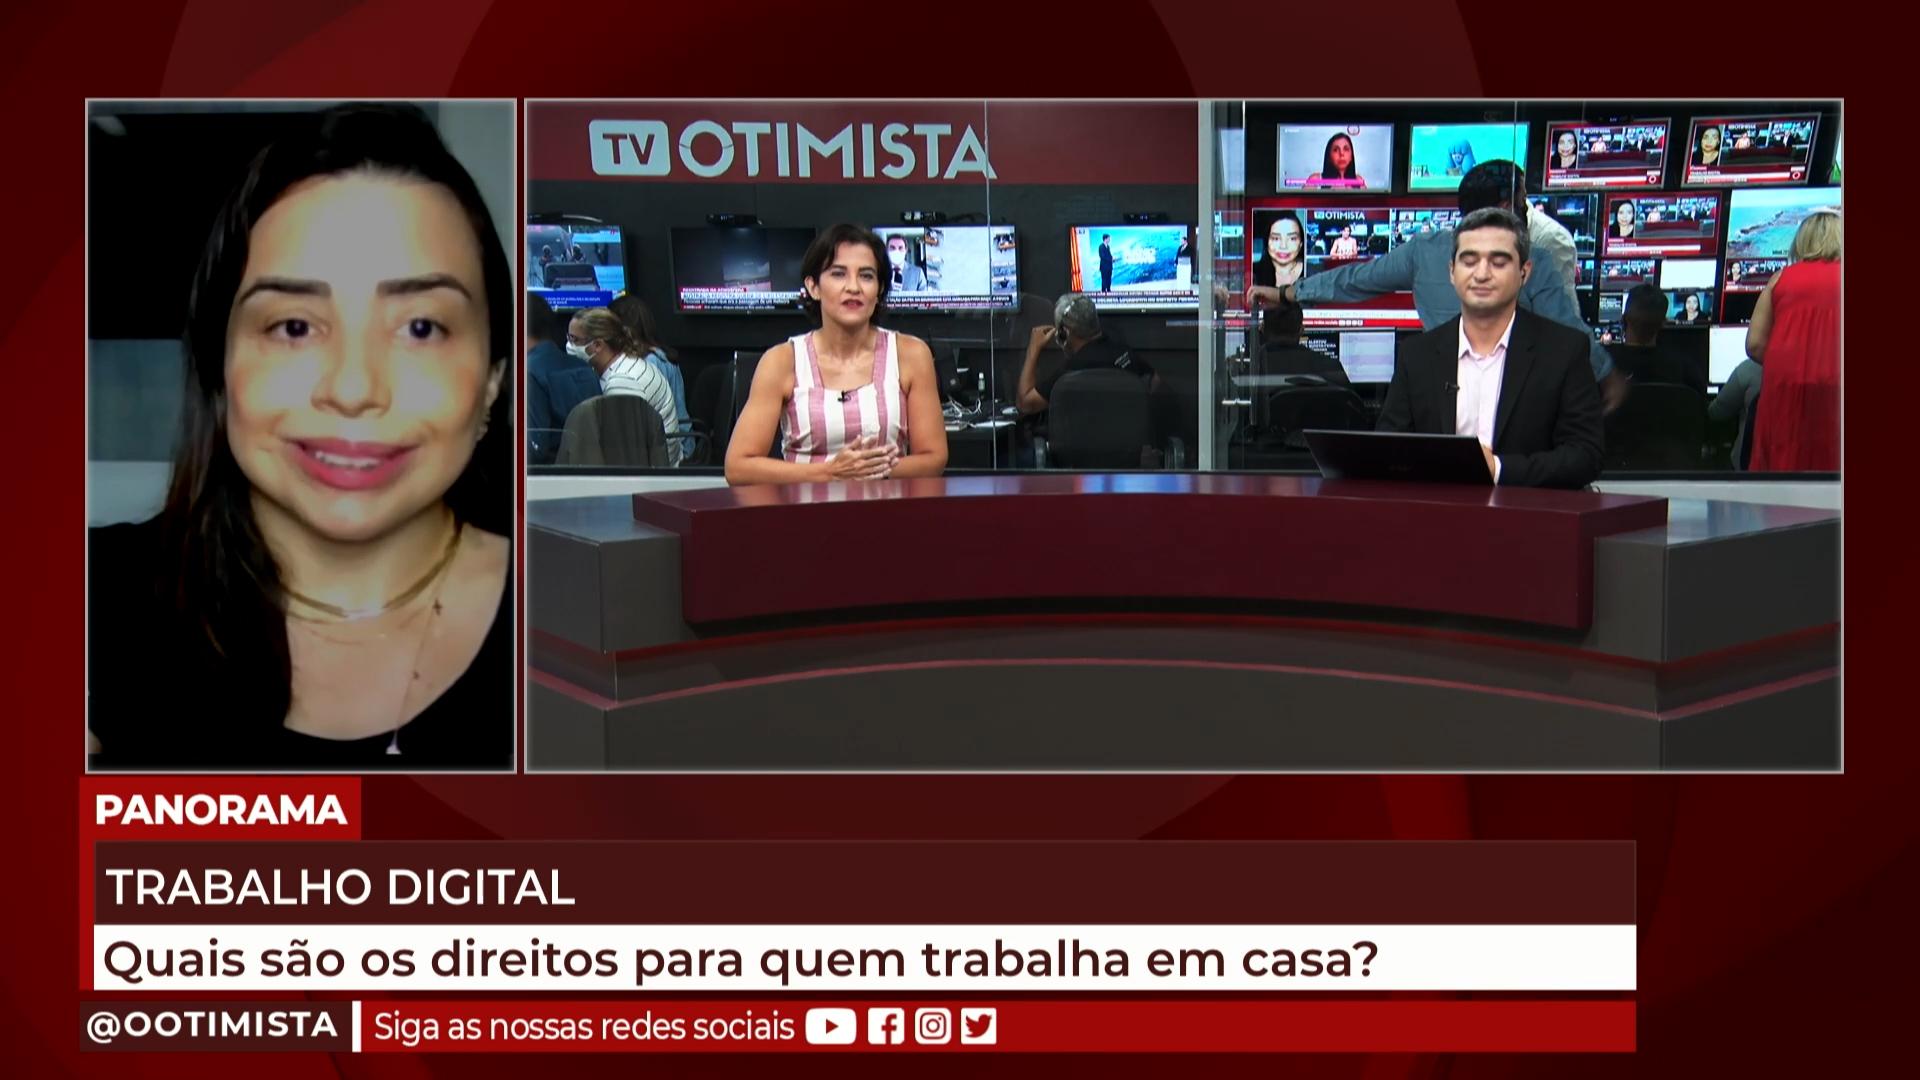 Mariana Freire, procuradora chefe ministério público, trabalho digital afeta direitos trabalhistas